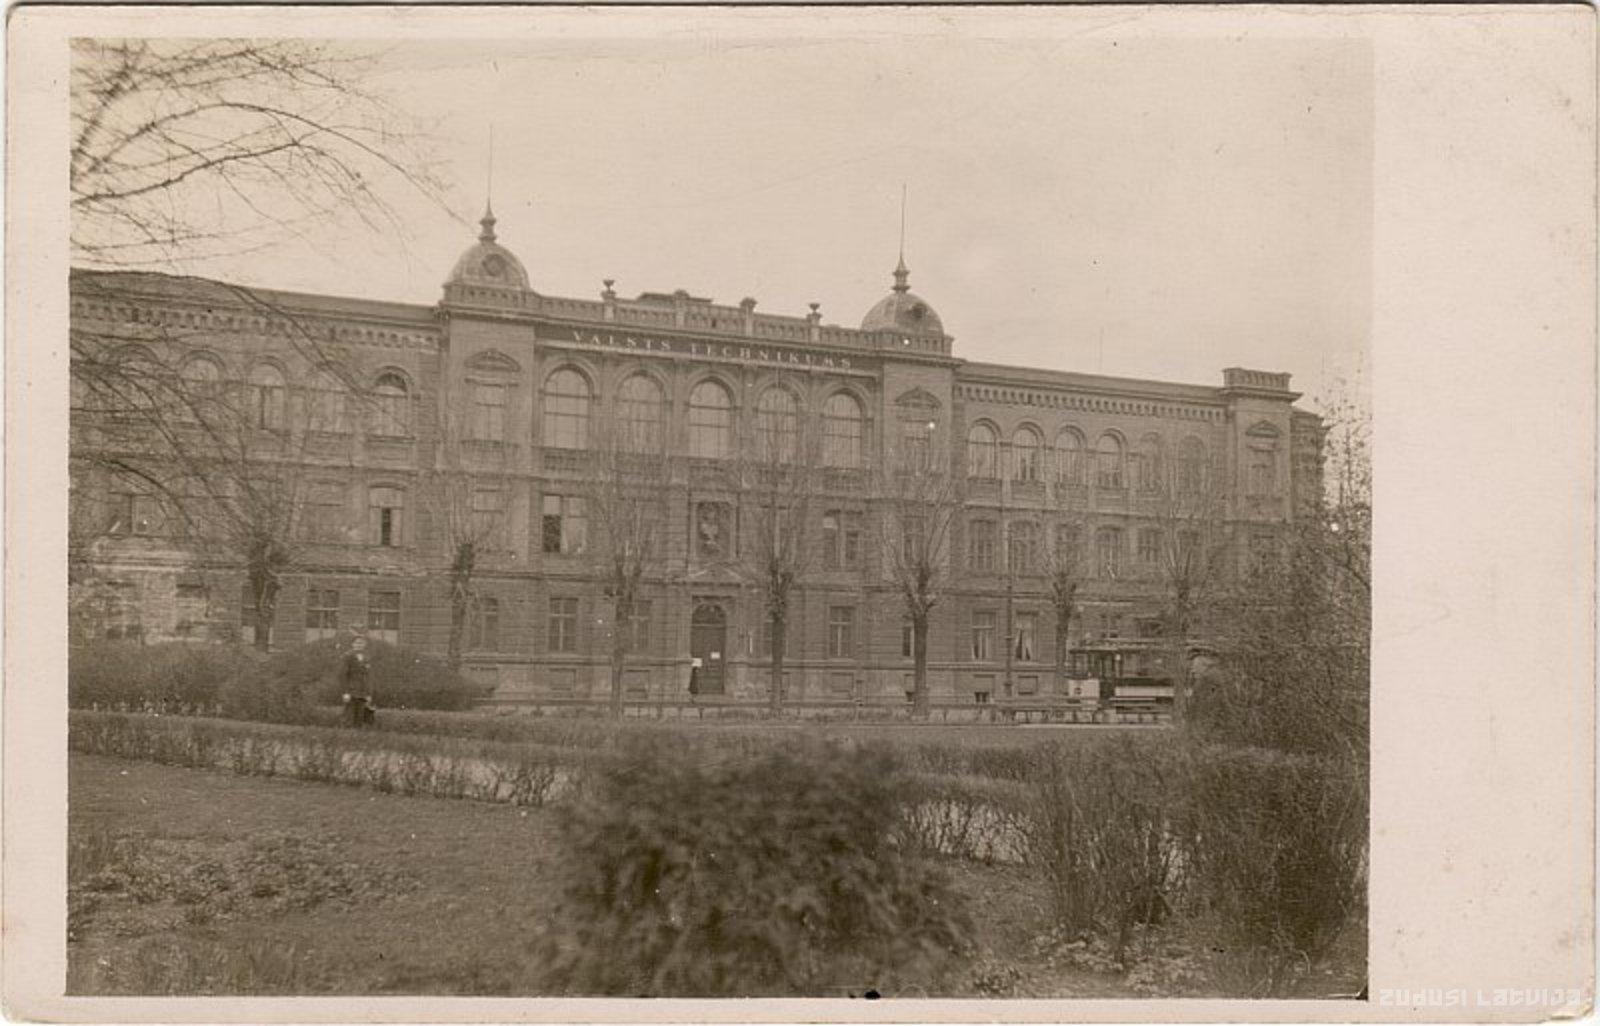 Rīgas Valsts tehnikuma ēka 1920 gados. Avots: Zudusī Latvija, LNB